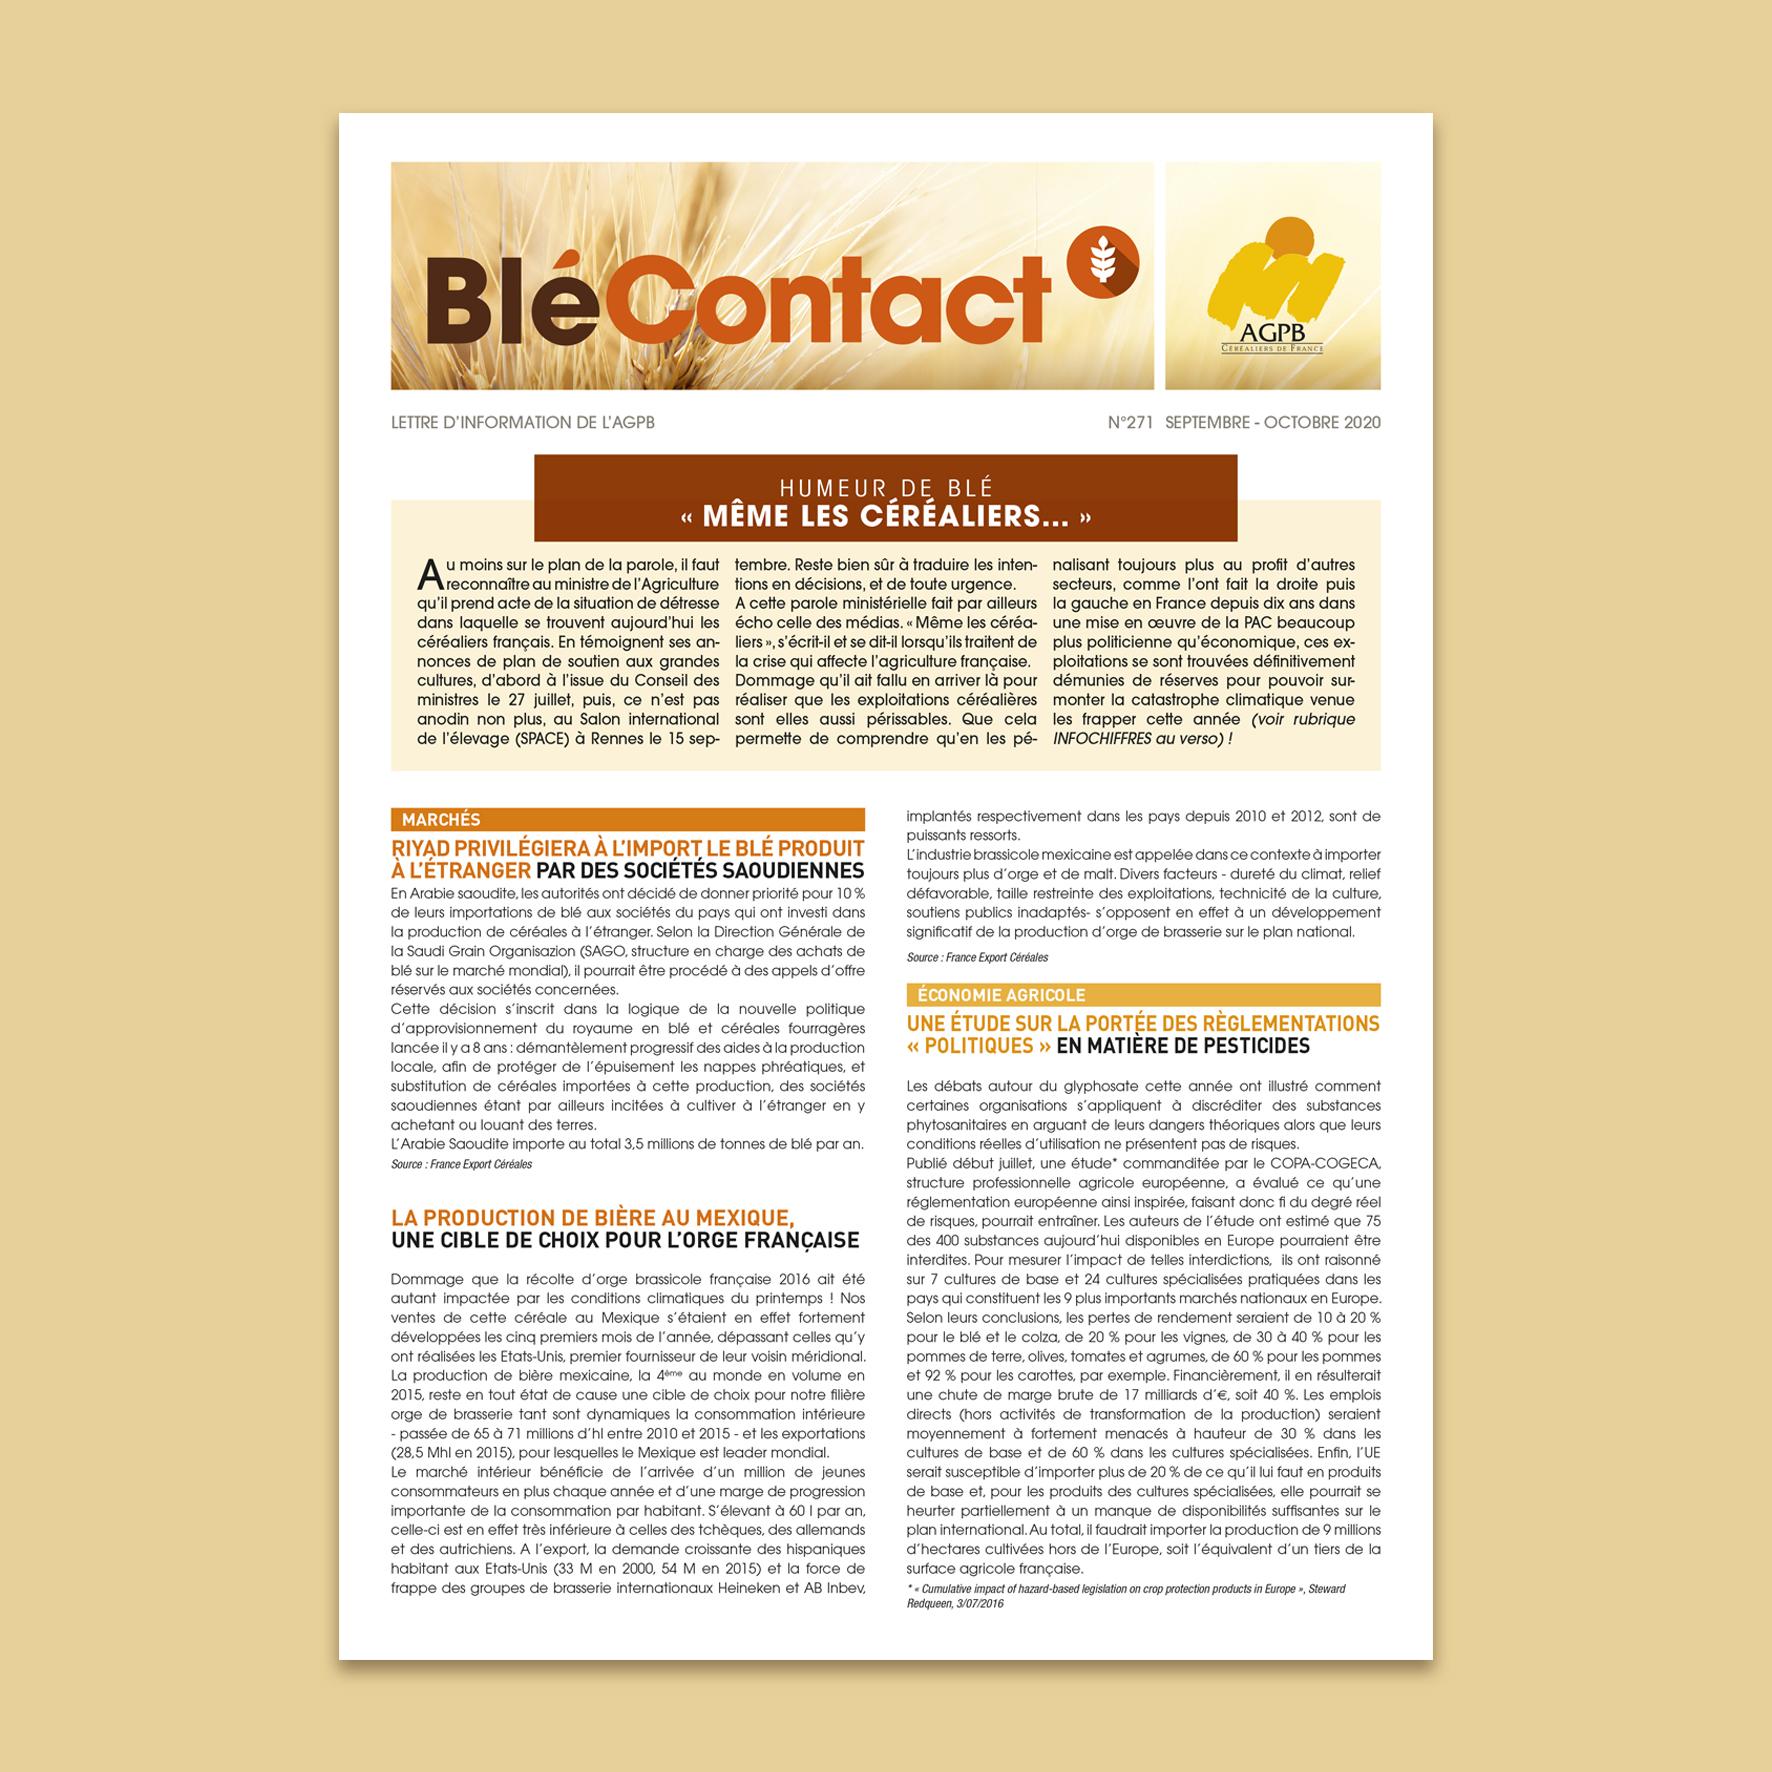 Newsletter AGPB